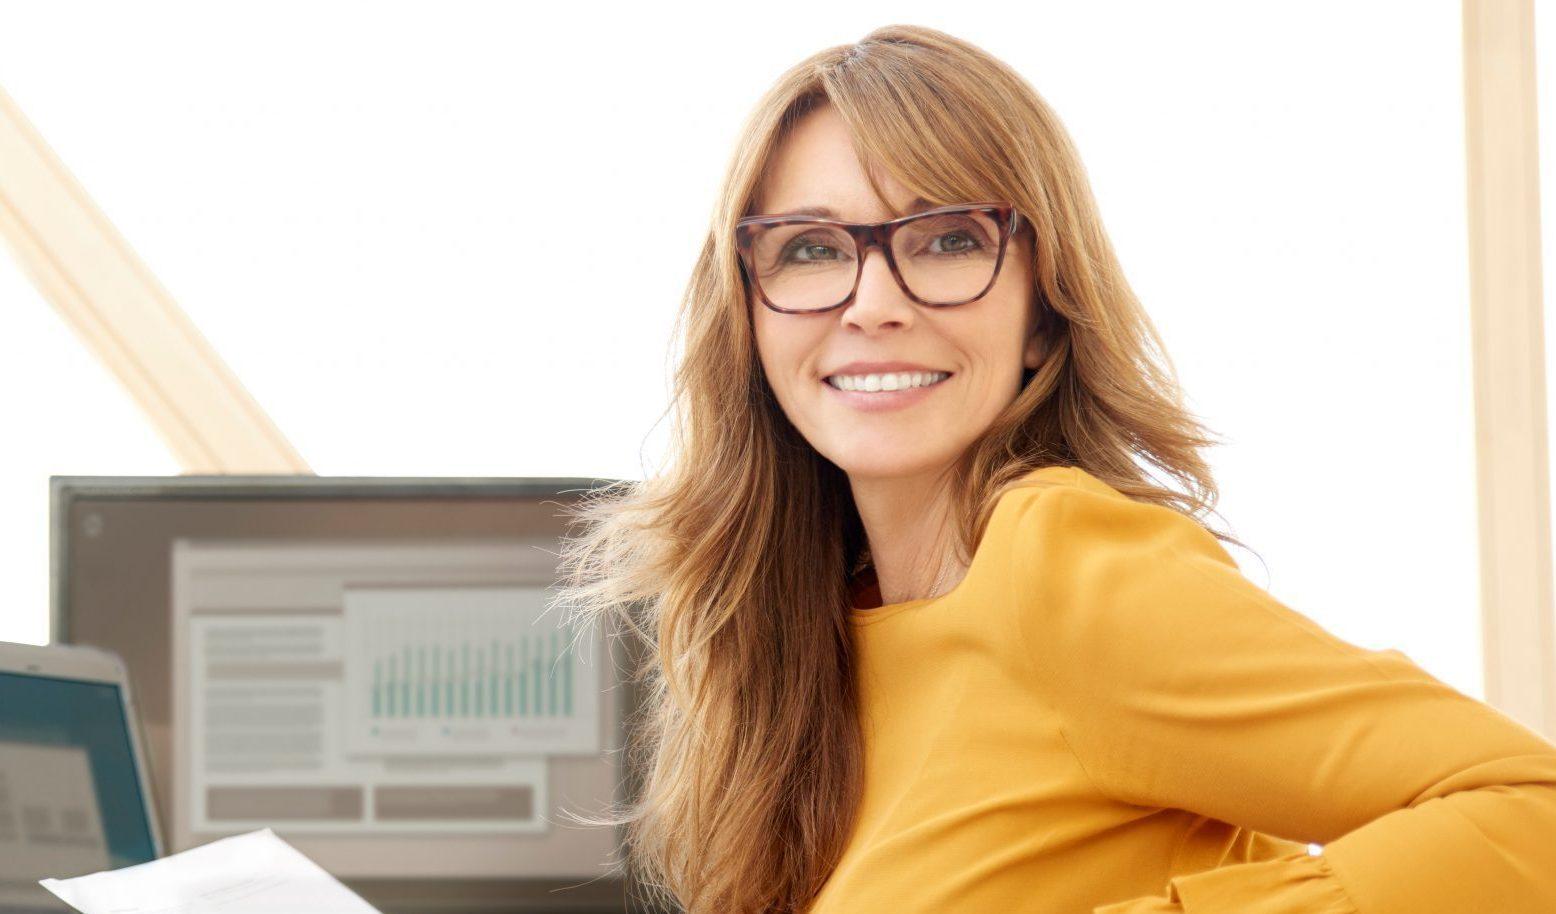 En Kvinnelig Moderne Controller I Gul Genser Sitter Foran PCen Og Ser Rett I Kameraet